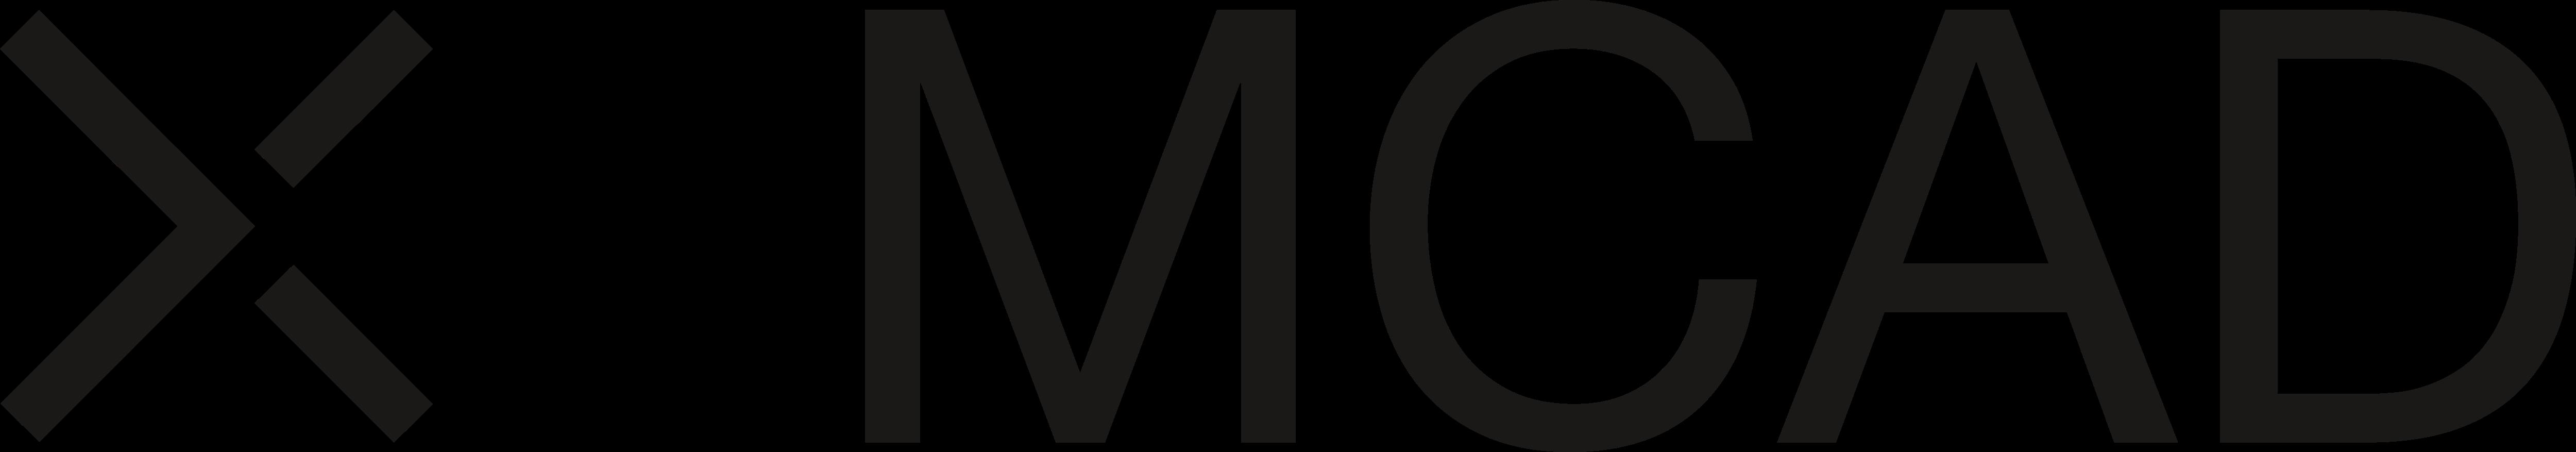 college minneapolis logos